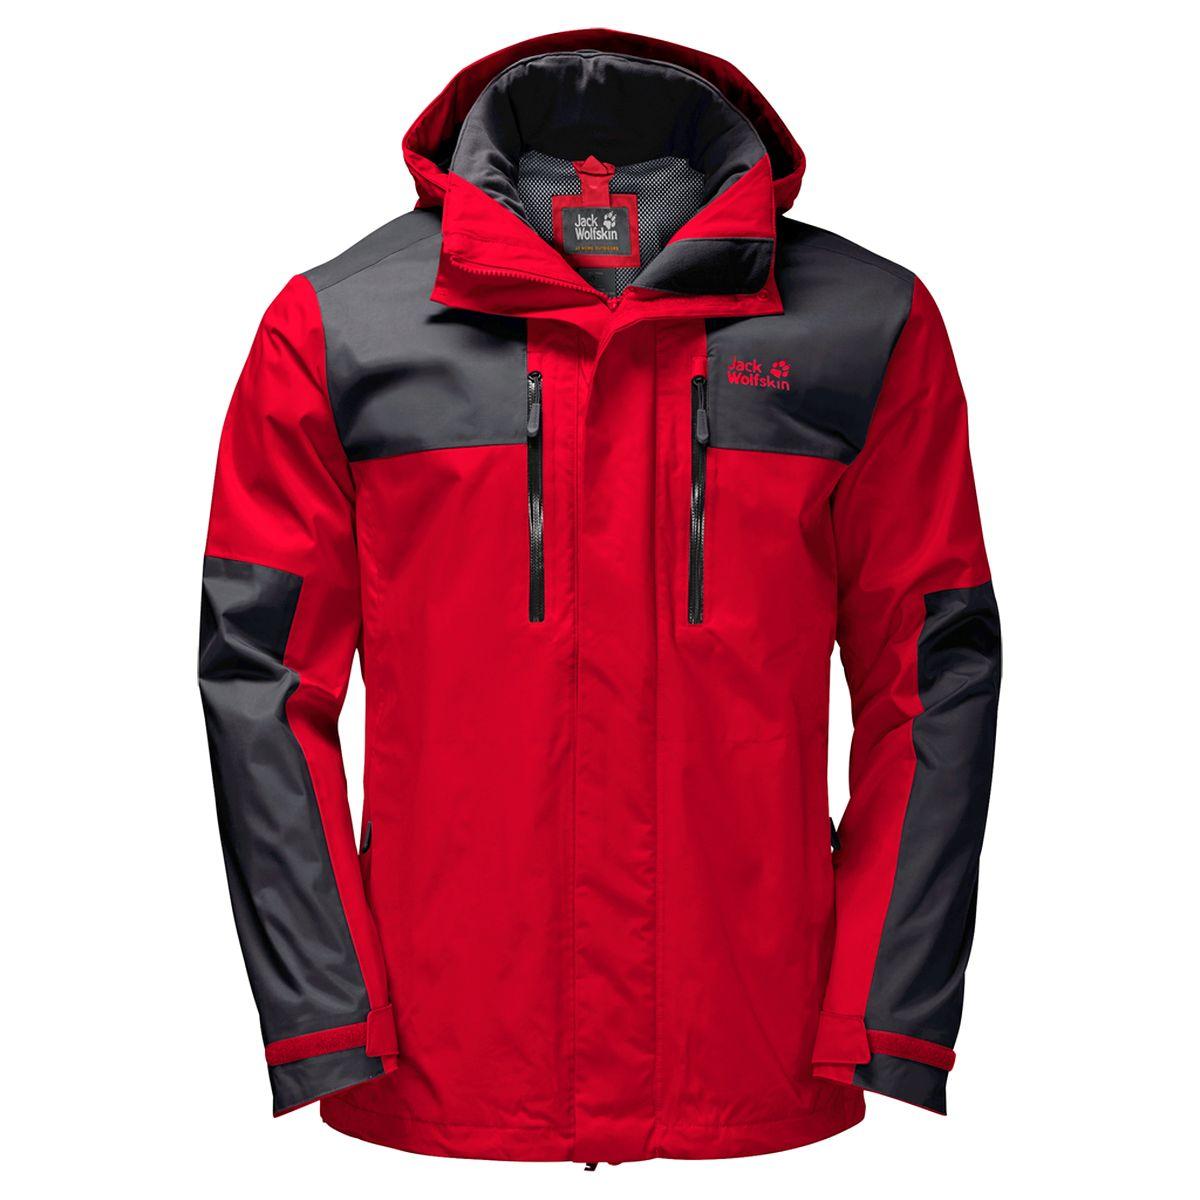 Куртка мужская Jack Wolfskin Jasper Flex Men, цвет: красный. 1108371-2015. Размер S (42/44)1108371-2015Серое небо, низкие облака, лужи под ногами — идеальная погода для хайкинга, если на вас куртка JASPER FLEX (ДЖАСПЕР ФЛЕКС). Эта куртка для хайкинга не только водостойкая: эластичные вставки позволяют ей повторять каждое ваше движение, что является большим плюсом для энергичных занятий. Наружная ткань TEXAPORE SMOOTHLIGHT (ТЕКСАПОР СМУСЛАЙТ) невероятно мягкая и комфортная на ощупь. Область плеч укреплена прочной и эластичной тканью TEXAPORE TASLAN (ТЕКСАПОР ТЭСЛАН) — особенность, которую вы обязательно оцените, когда понесете нагруженный до отказа рюкзак. Вы можете носить куртку JASPER FLEX (ДЖАСПЕР ФЛЕКС) и в более холодную погоду. Просто воспользуйтесь системной застежкой-молнией, чтобы состегнуть ее с подходящей внутренней курткой из флиса;это поможет создать столь необходимую для зимы комбинацию теплоизоляции и защиты от непогоды.